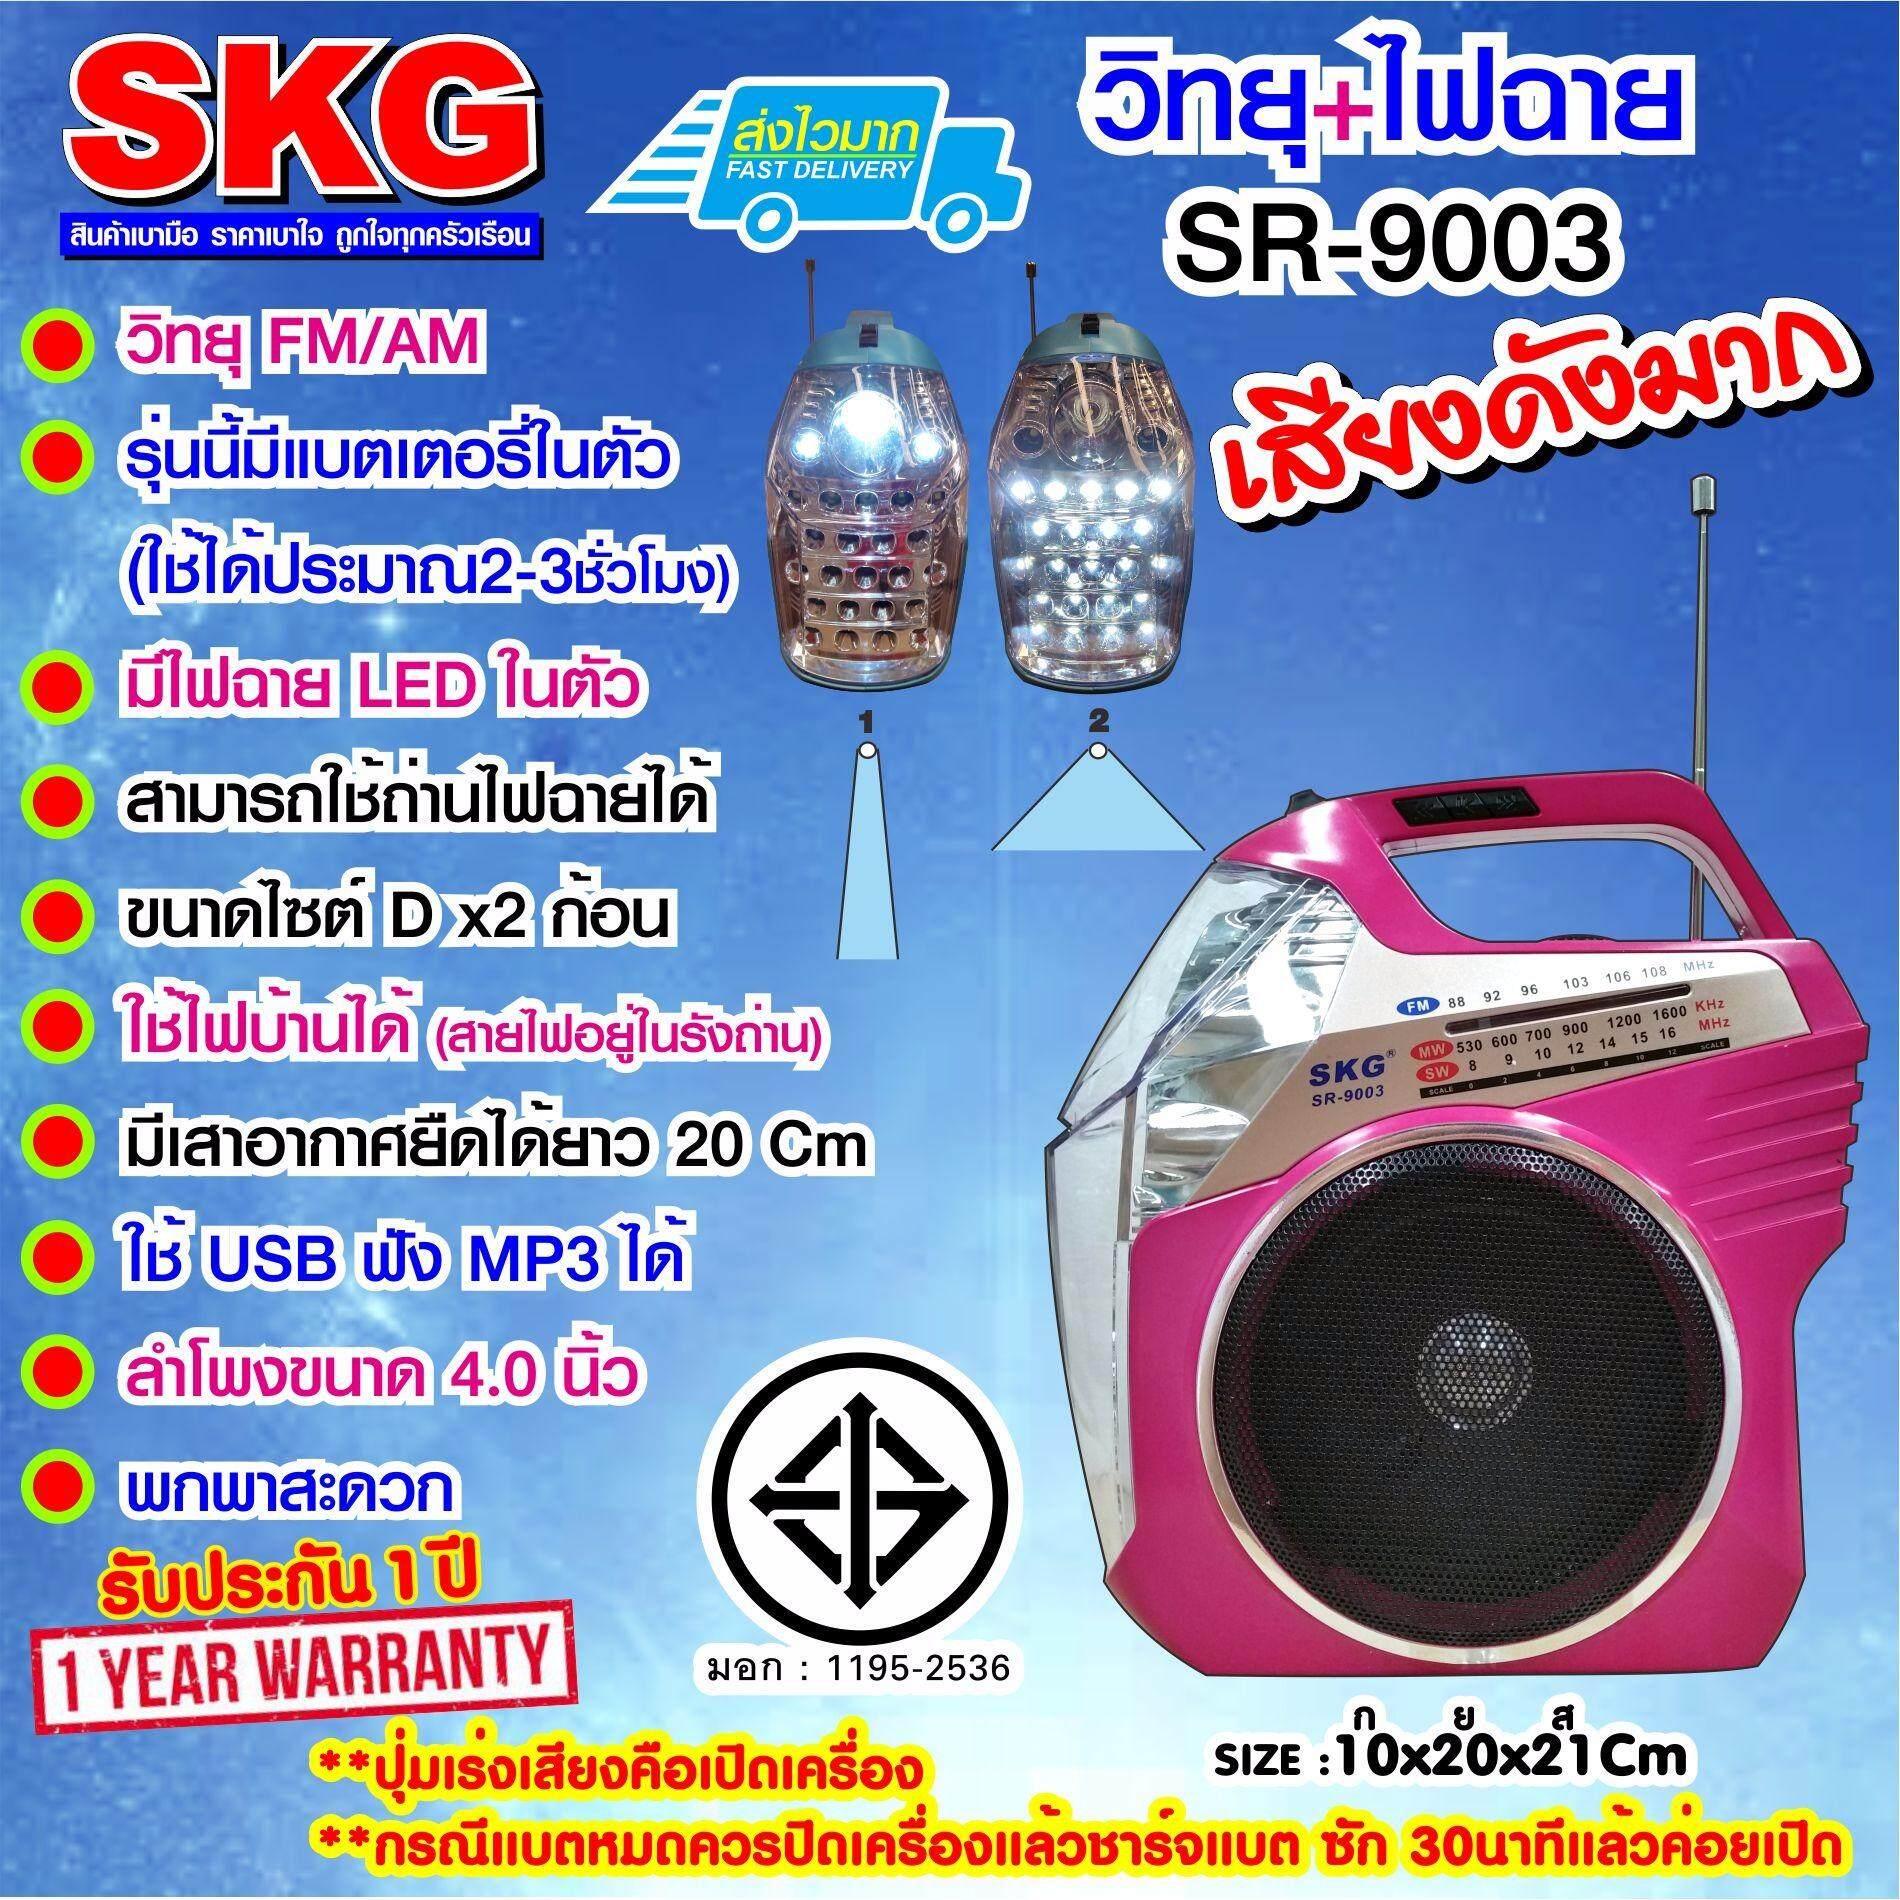 ขาย Skg วิทยุ ไฟฉาย มีแบตในตัว รุ่น Sr 9003 สีชมพู